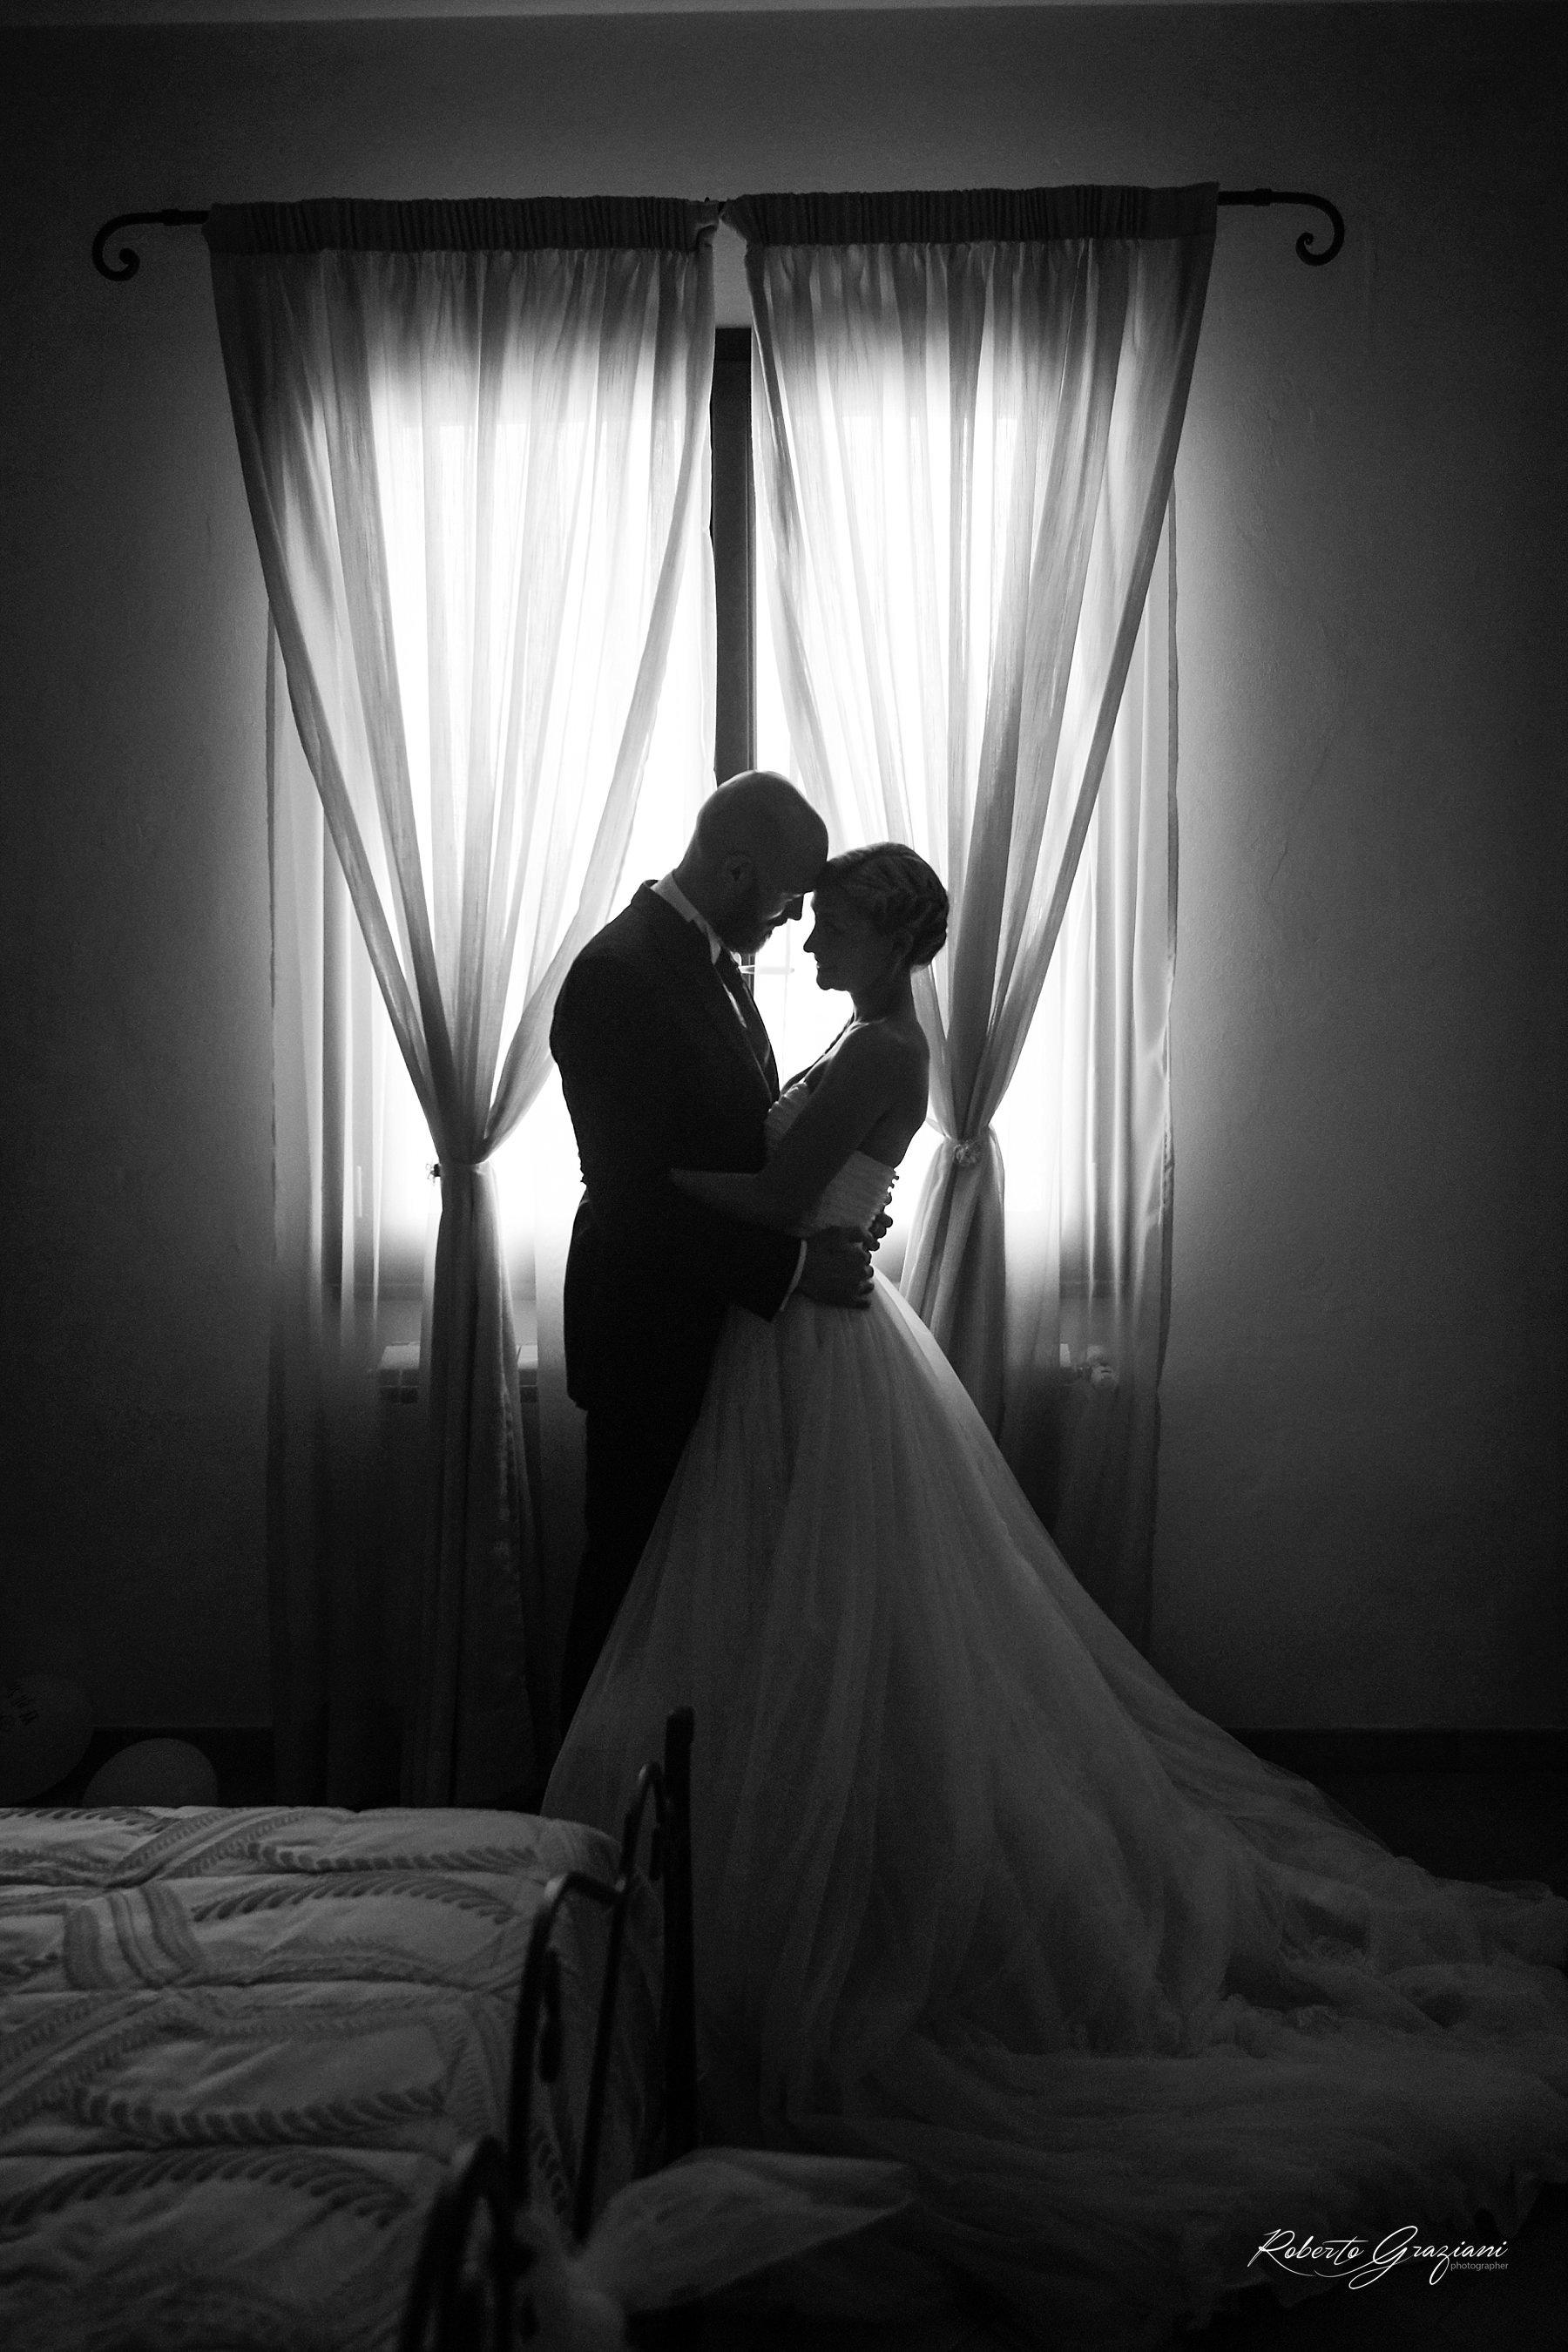 fotografia di matrimonio in bianco e nero